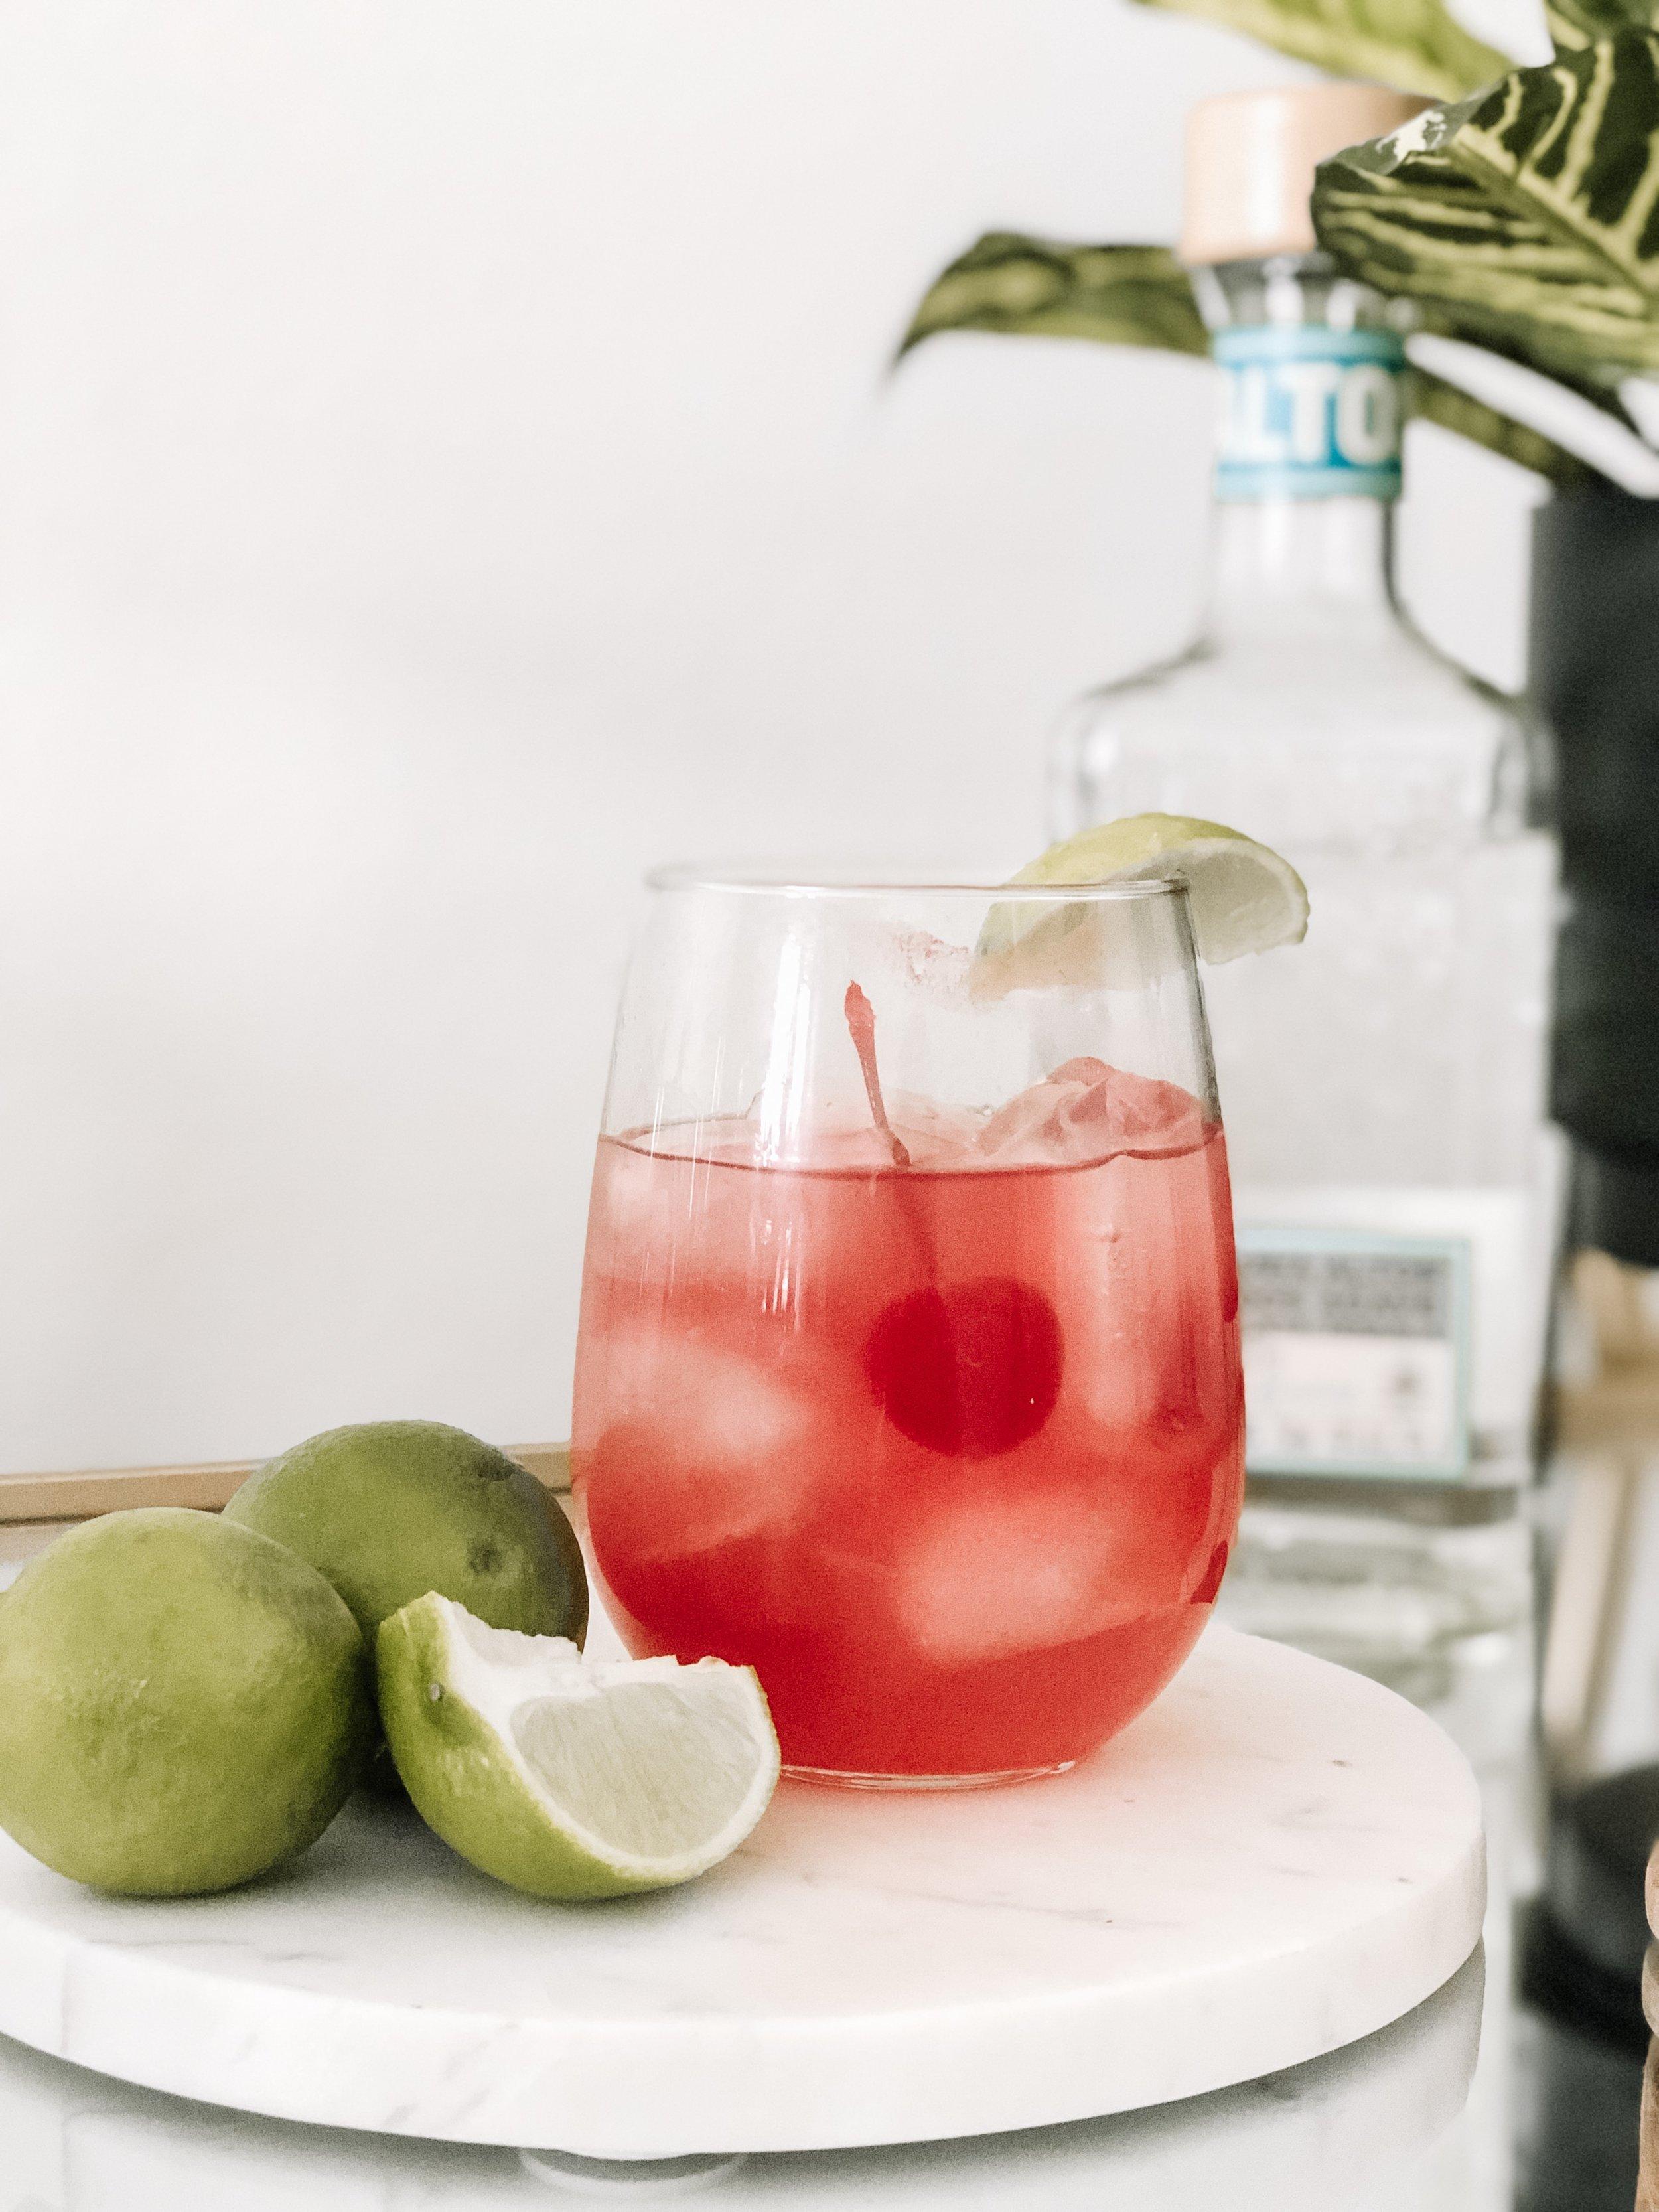 4 Ingredient Maraschino Margaritas Valentine's Day Cocktail